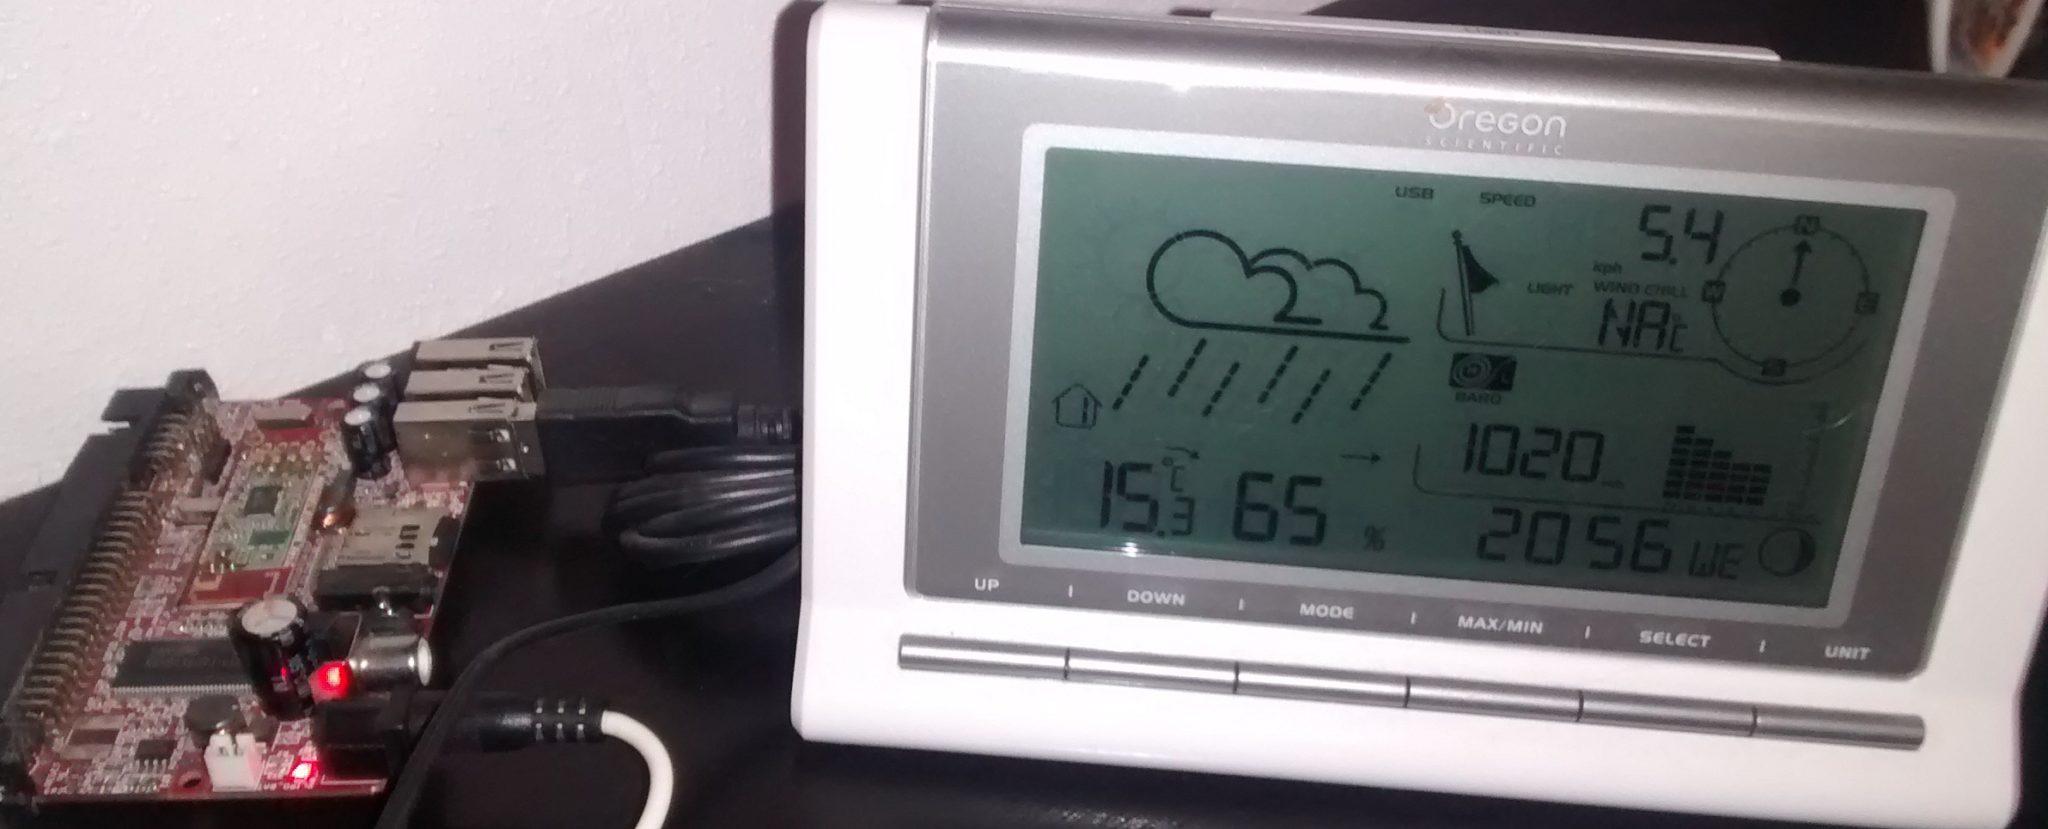 Estación meteorológica online con Olinuxino, weewx y Oregon wmr88